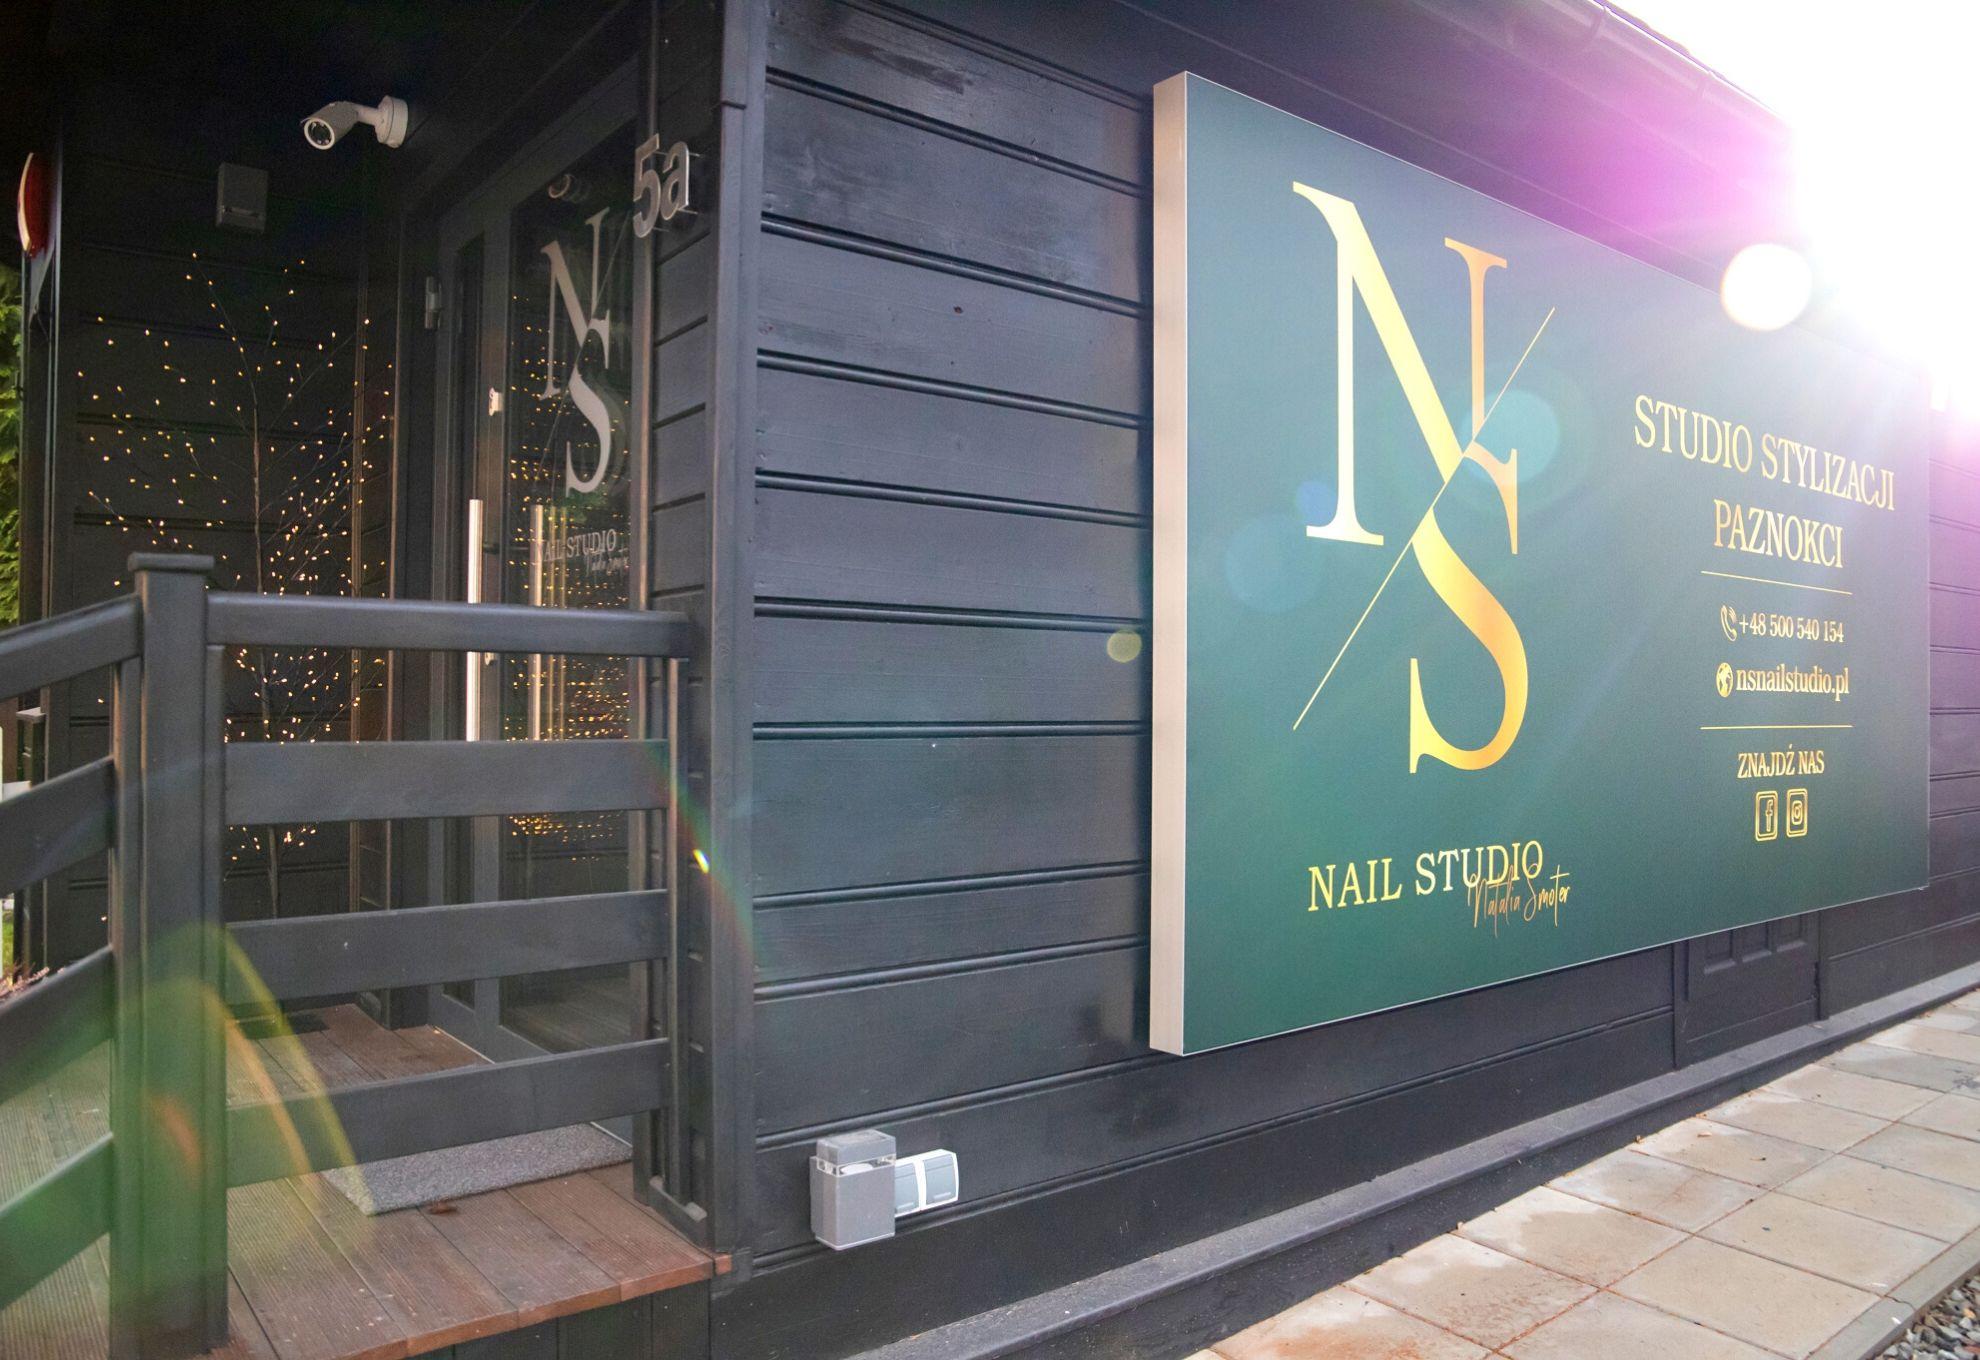 NS Nail Studio - wnętrze salonu stylizacji paznokci, budynek